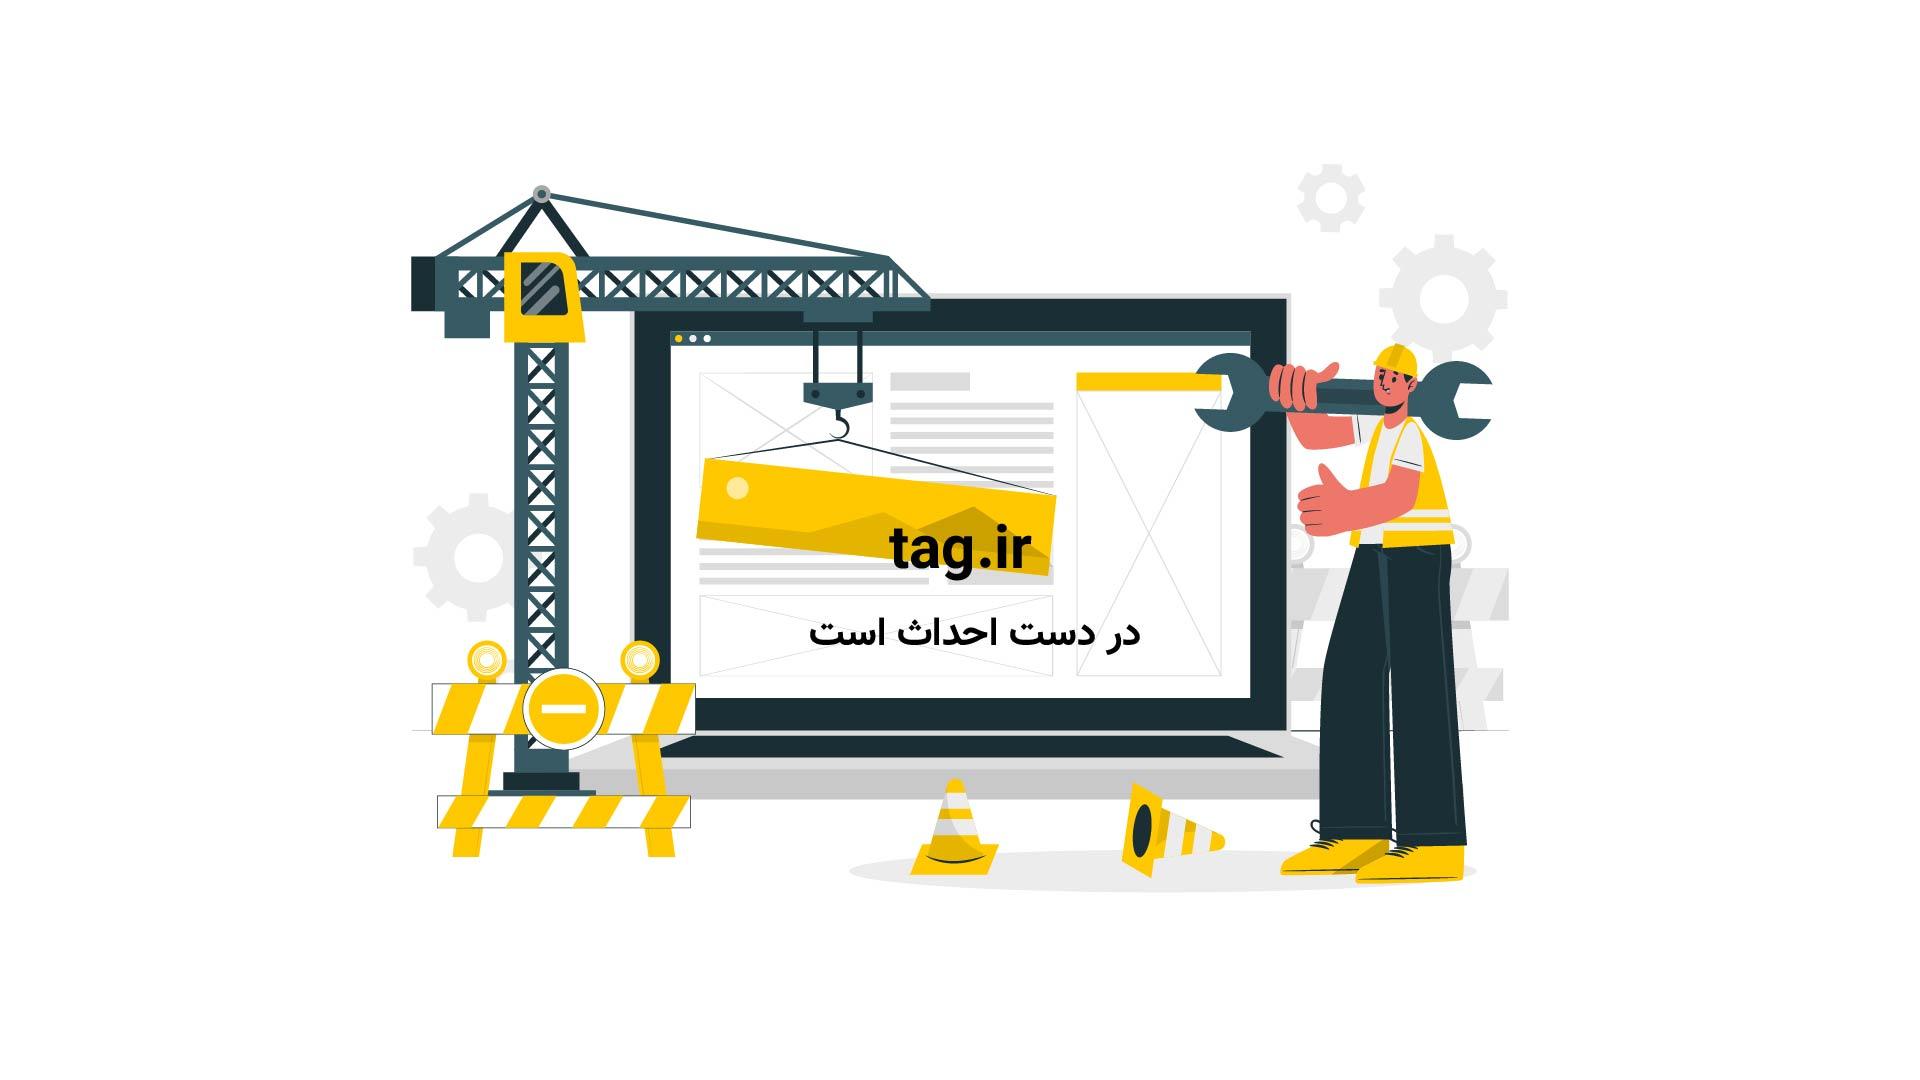 اوریگامی قایق | تگ